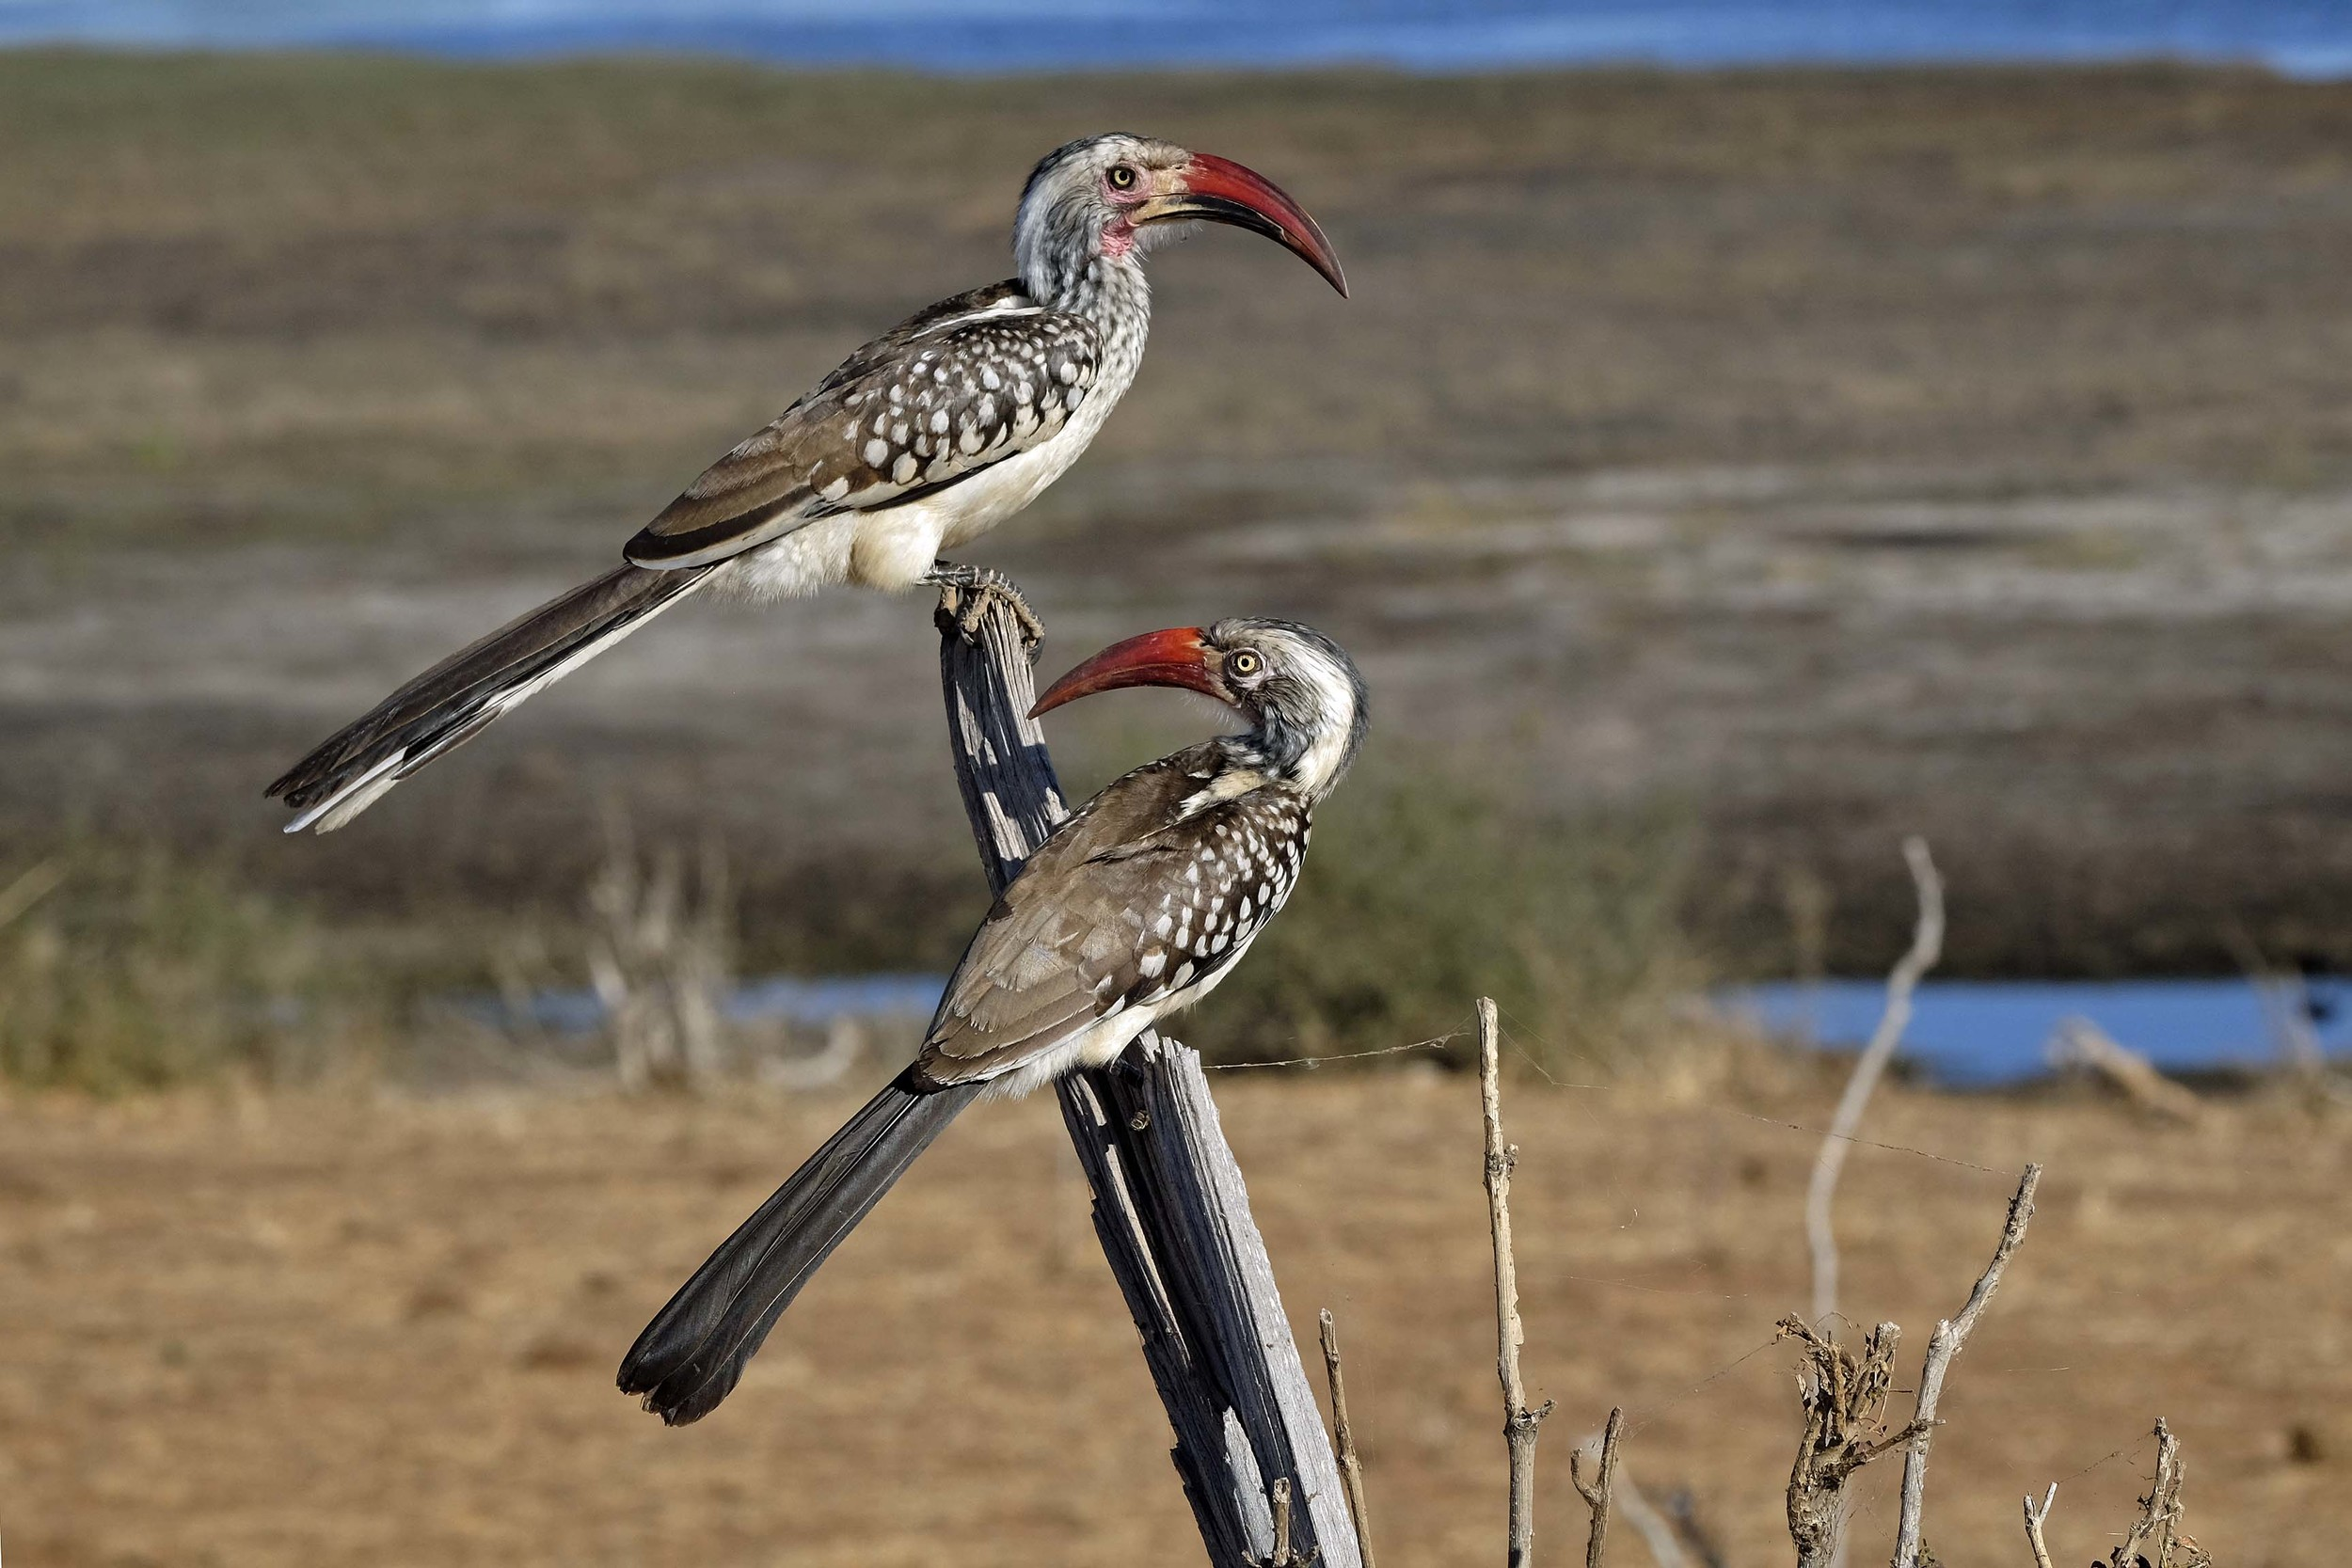 Redbilled Hornbills